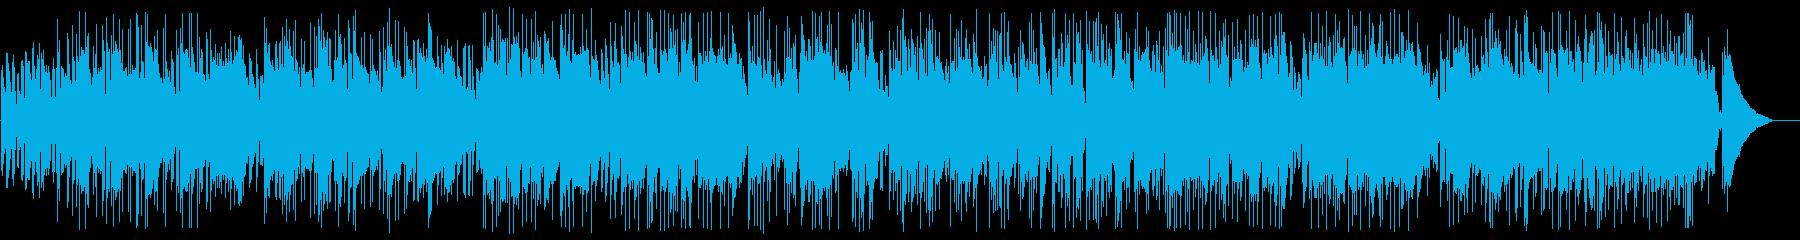 アコースティックのギターデュオの再生済みの波形